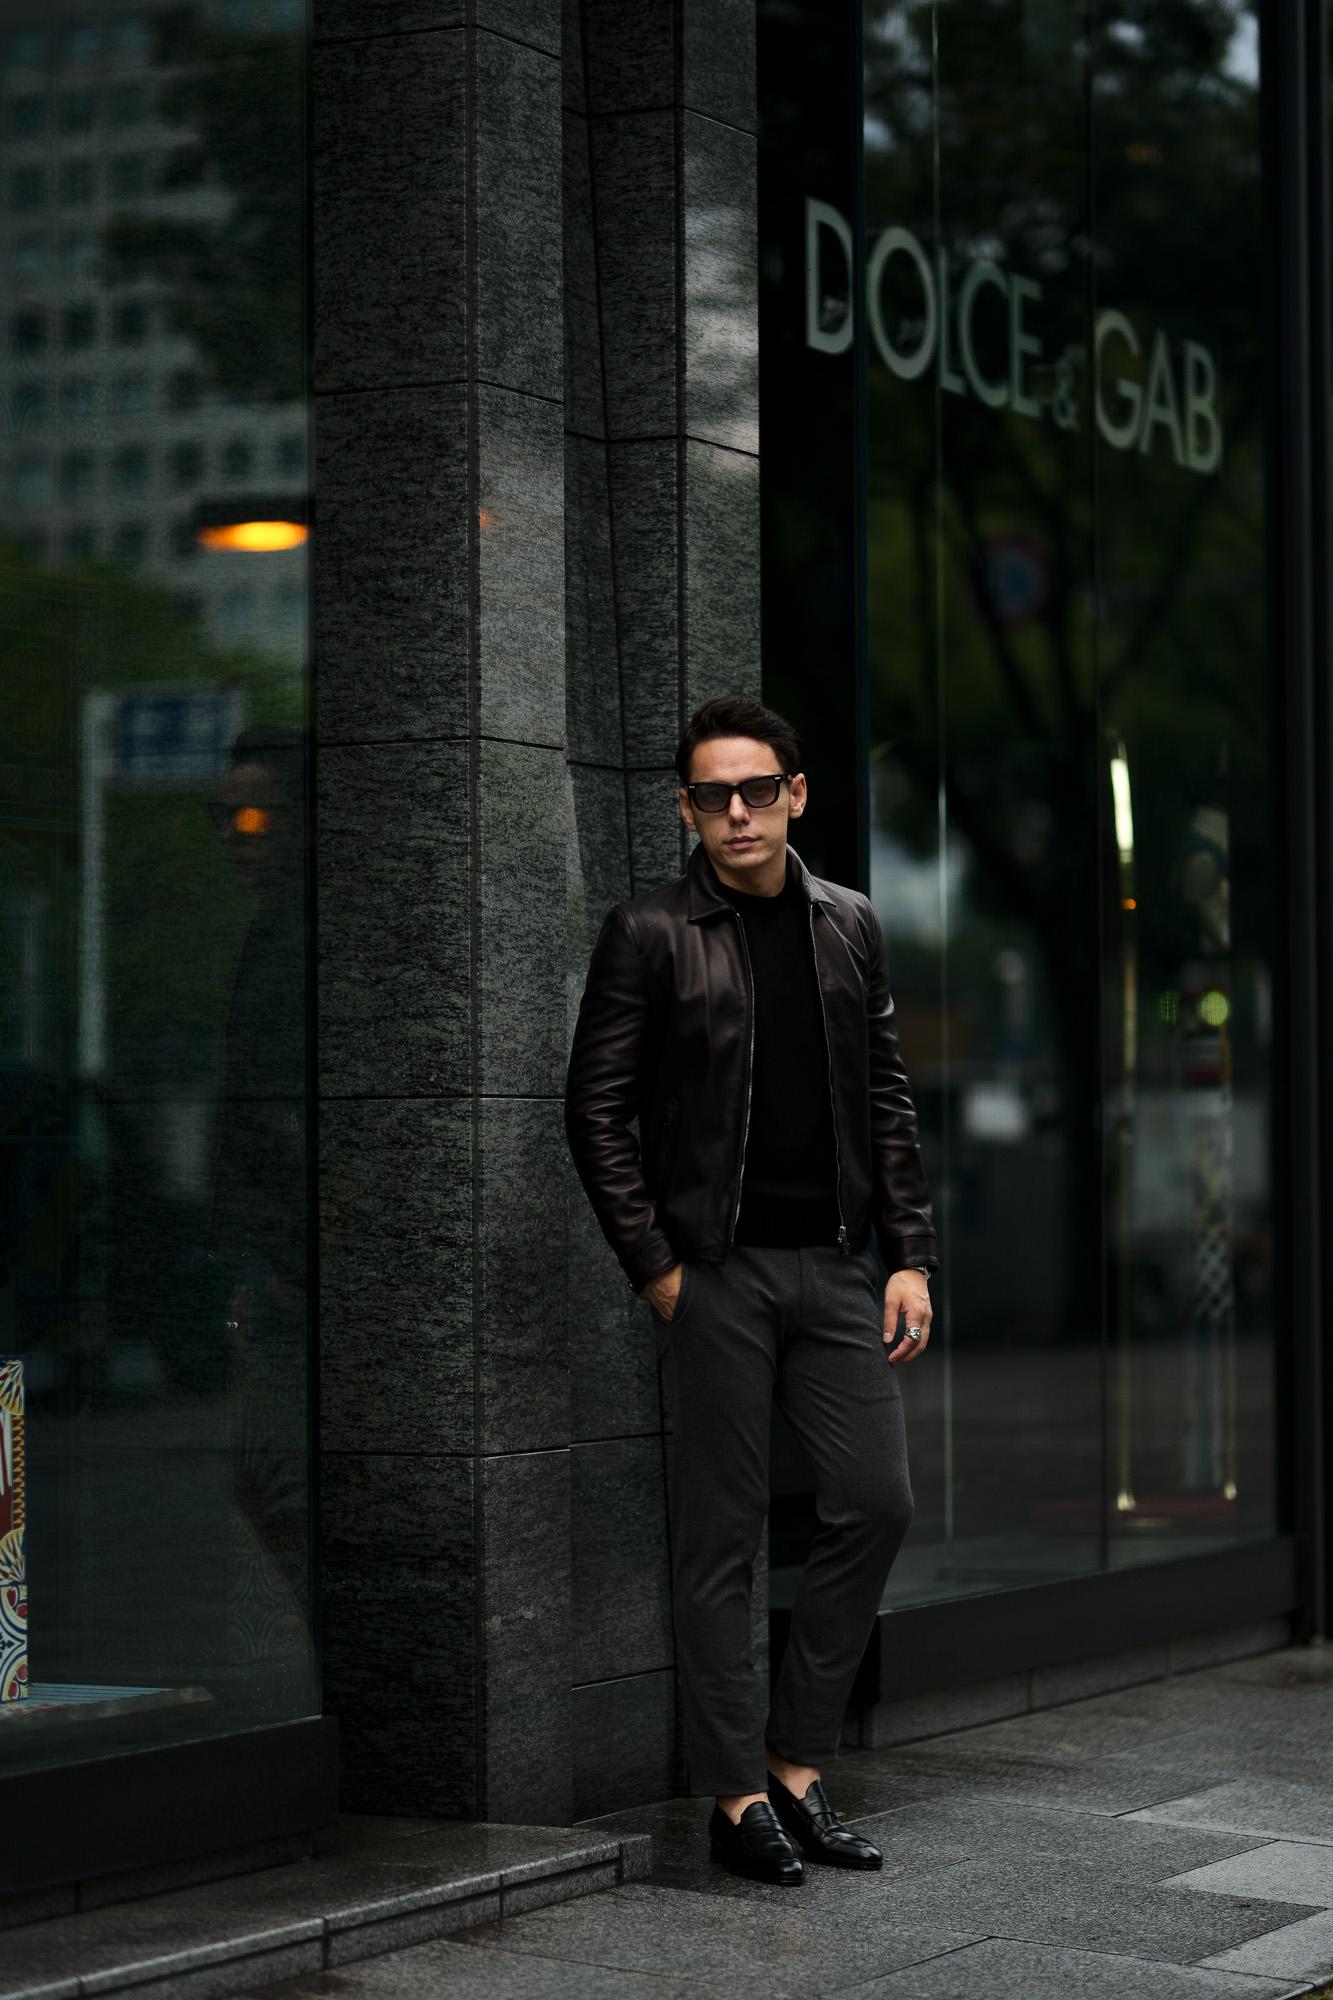 MOLEC (モレック) Single Leather Jacket (シングル レザージャケット) PLONGE Lambskin プロンジェラムレザー シングル ライダース ジャケット NERO (ブラック) Made in italy (イタリア製) 2021 愛知 名古屋 Alto e Diritto altoediritto アルトエデリット レザージャケット